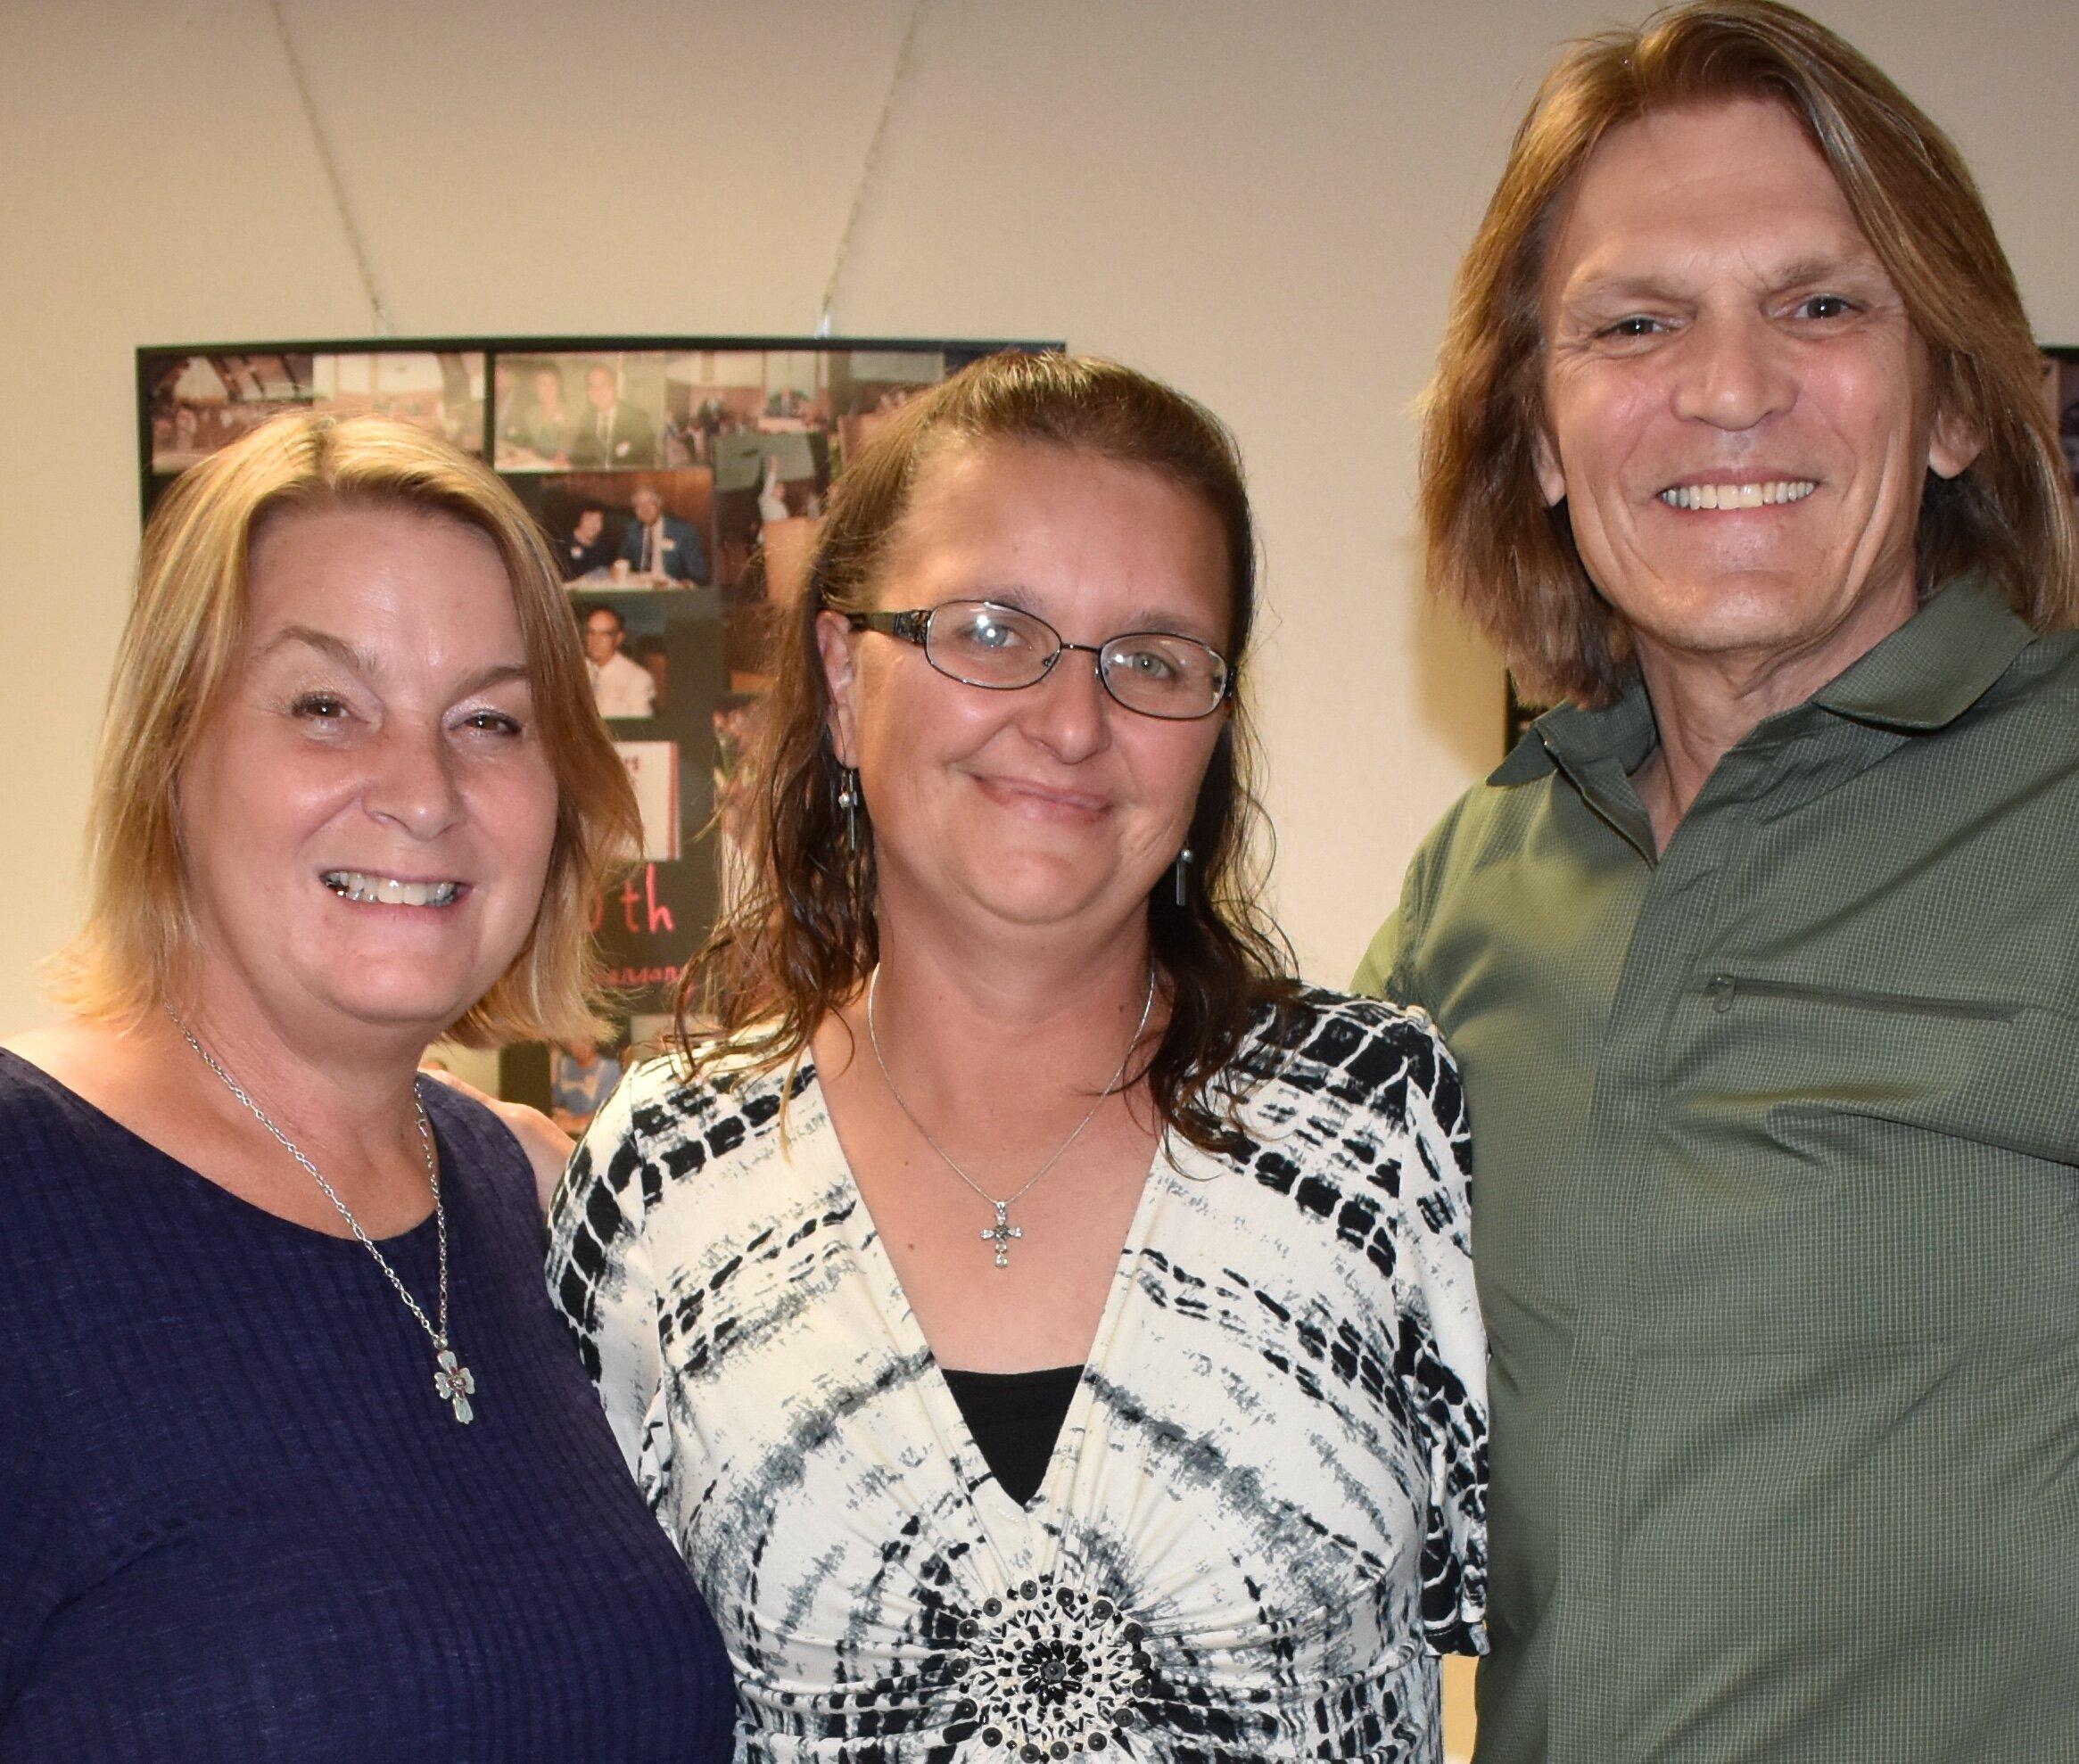 Jean, Sarah, and Terry